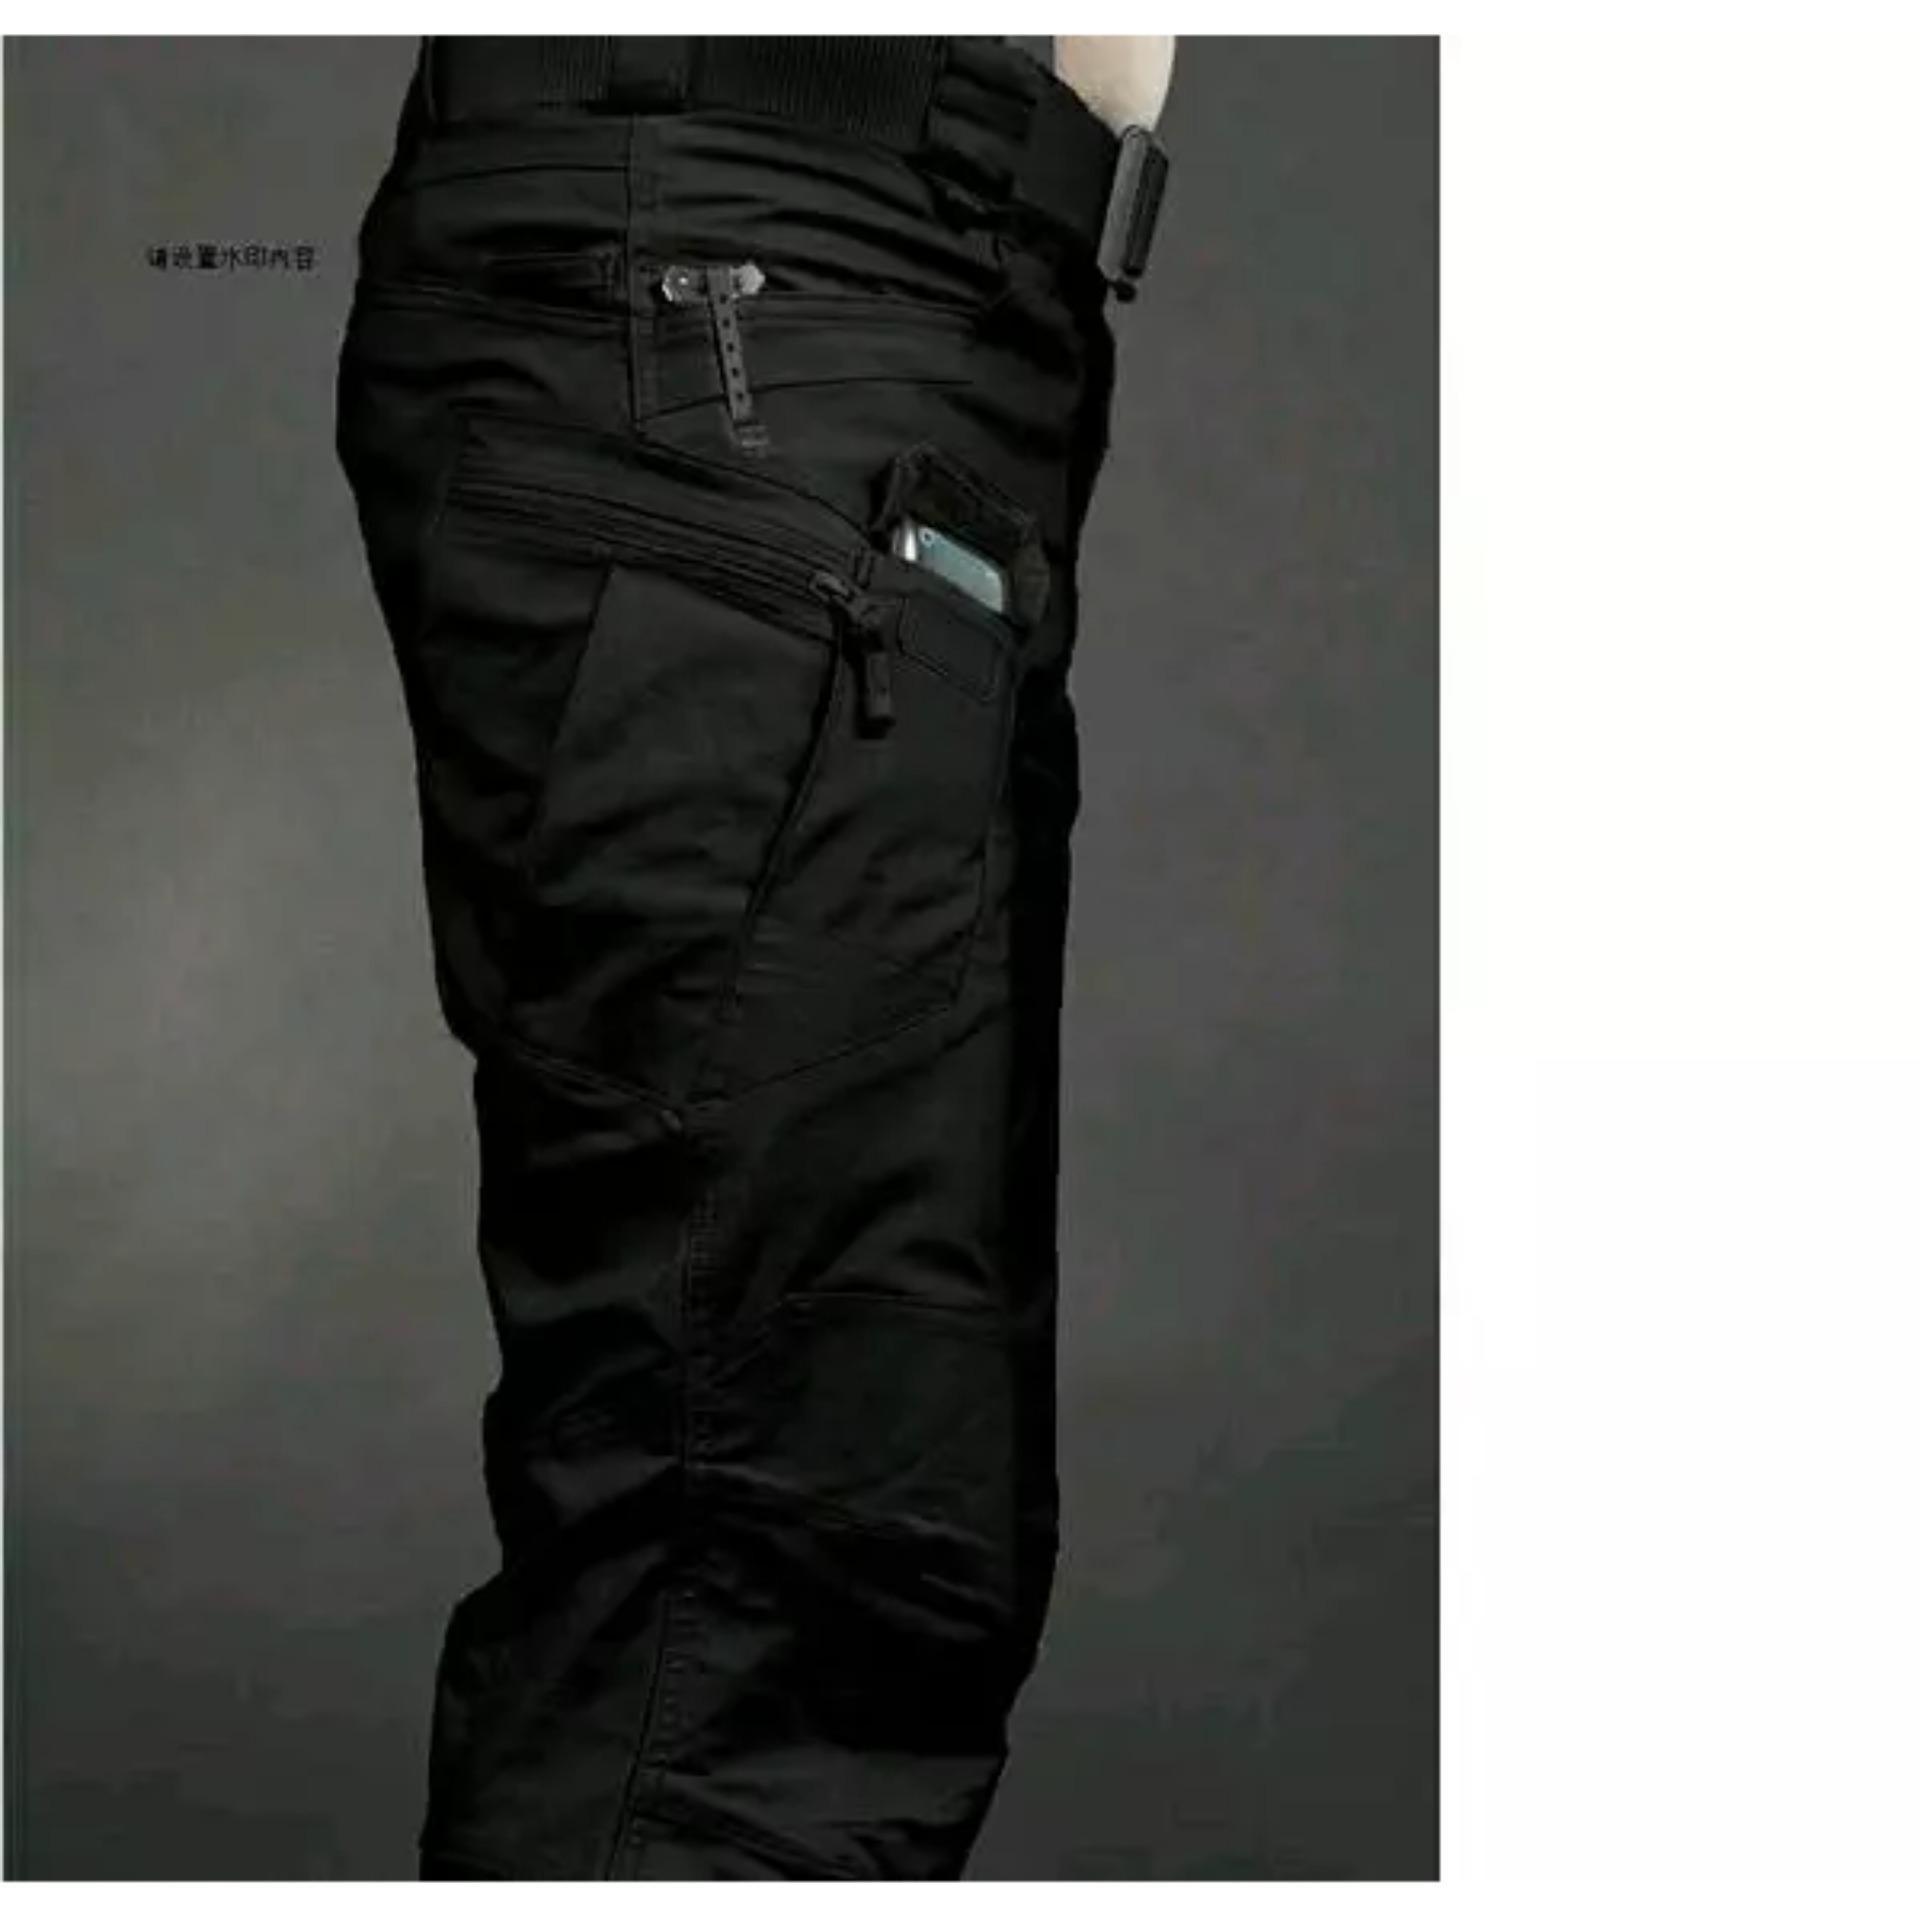 Cek Harga Baru Kemeja Tactical 511 Pria Prajurit Tentara Polisi Pdl Premium Best Seller Celana Blackhawk Cargo Panjang